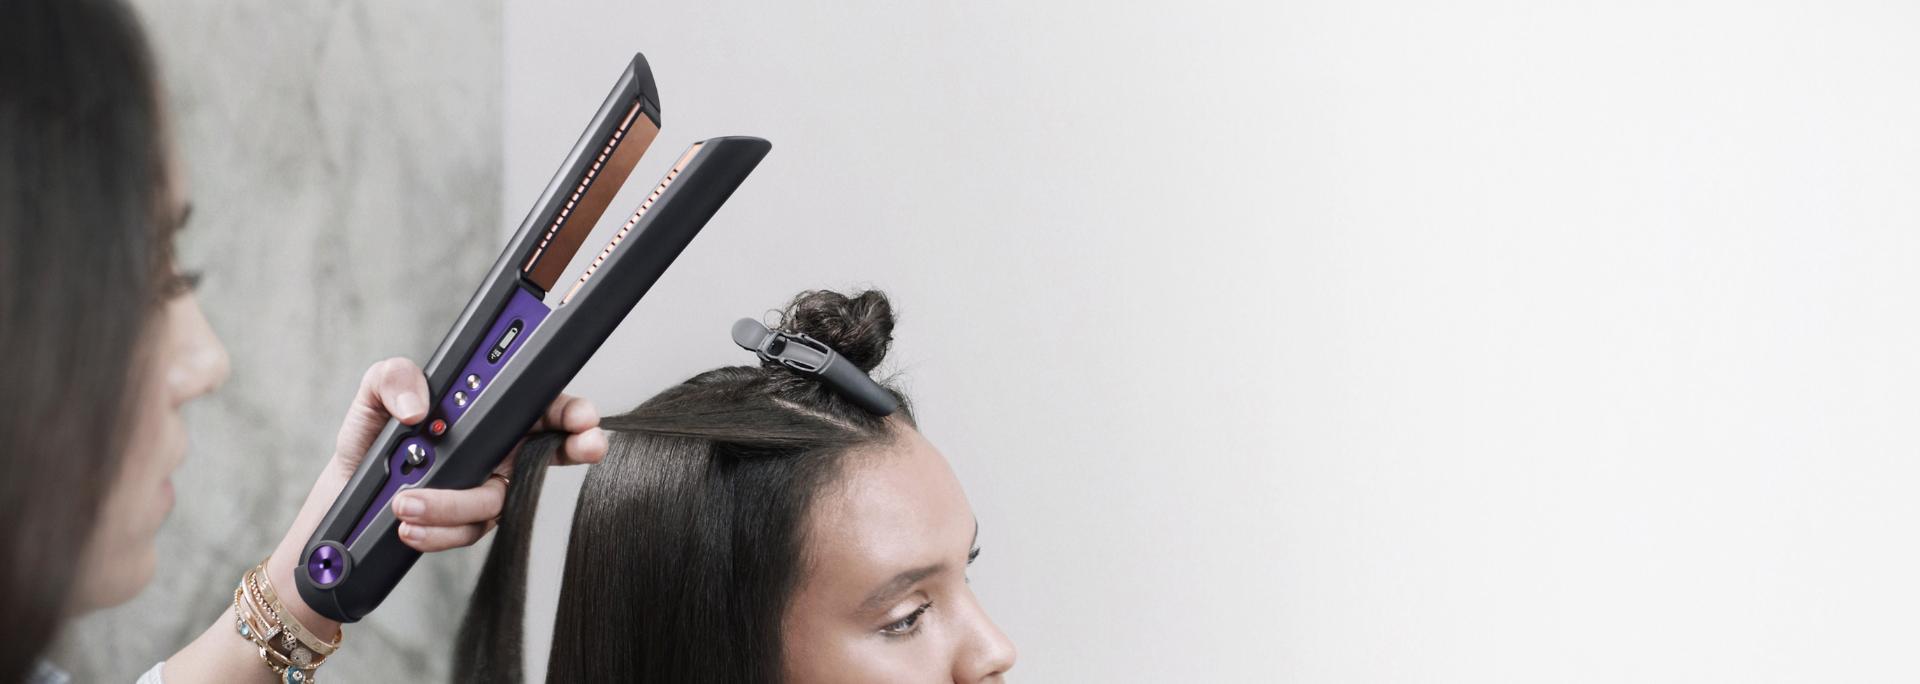 תקריב של מעצב שיער מקצועי המשתמש במחליק שיער Dyson Corrale